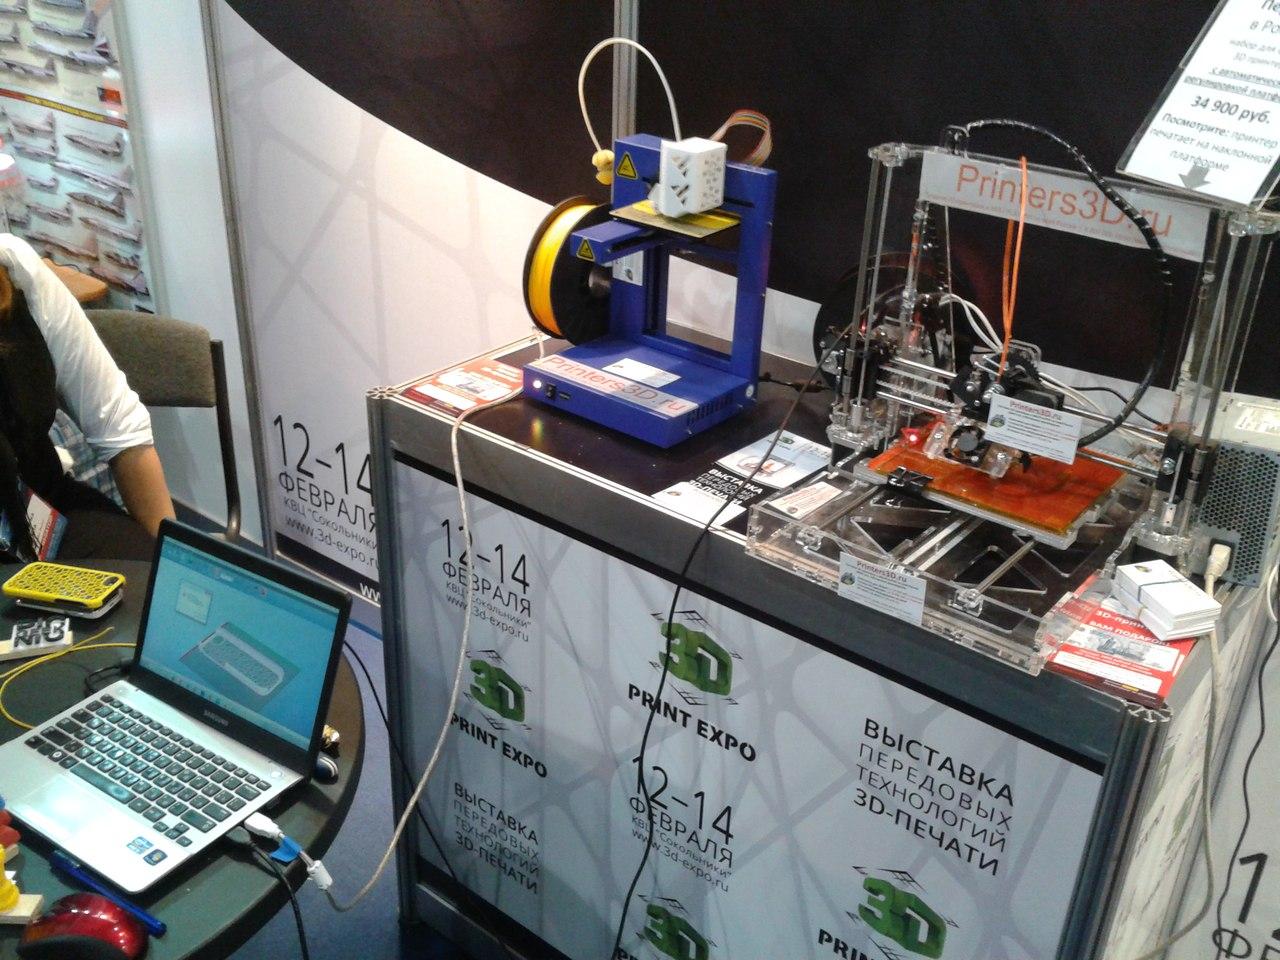 Стенд компании Printers3D.ru на выставке Robotics-Expo в Сокольниках (Москва, октябрь 2013)